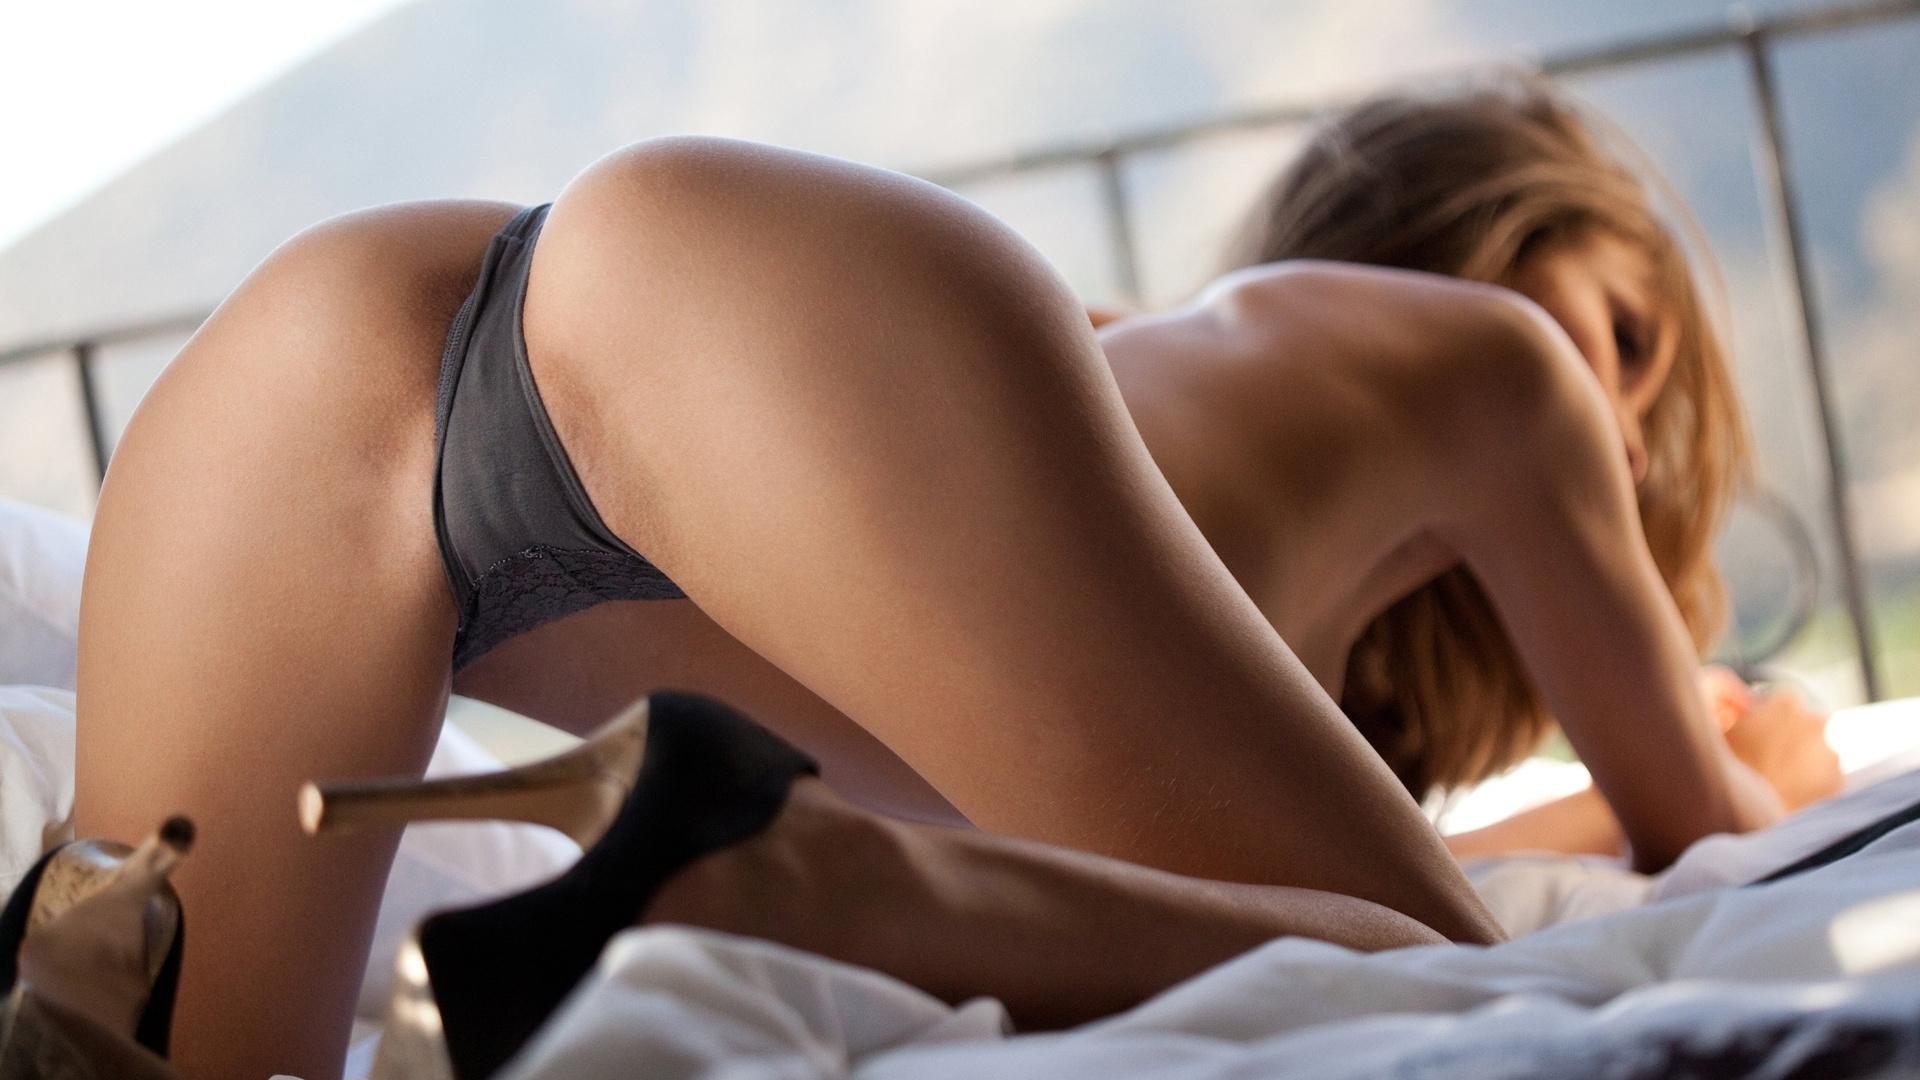 Free cards mac sexy erotic, nude taiwanese school girl